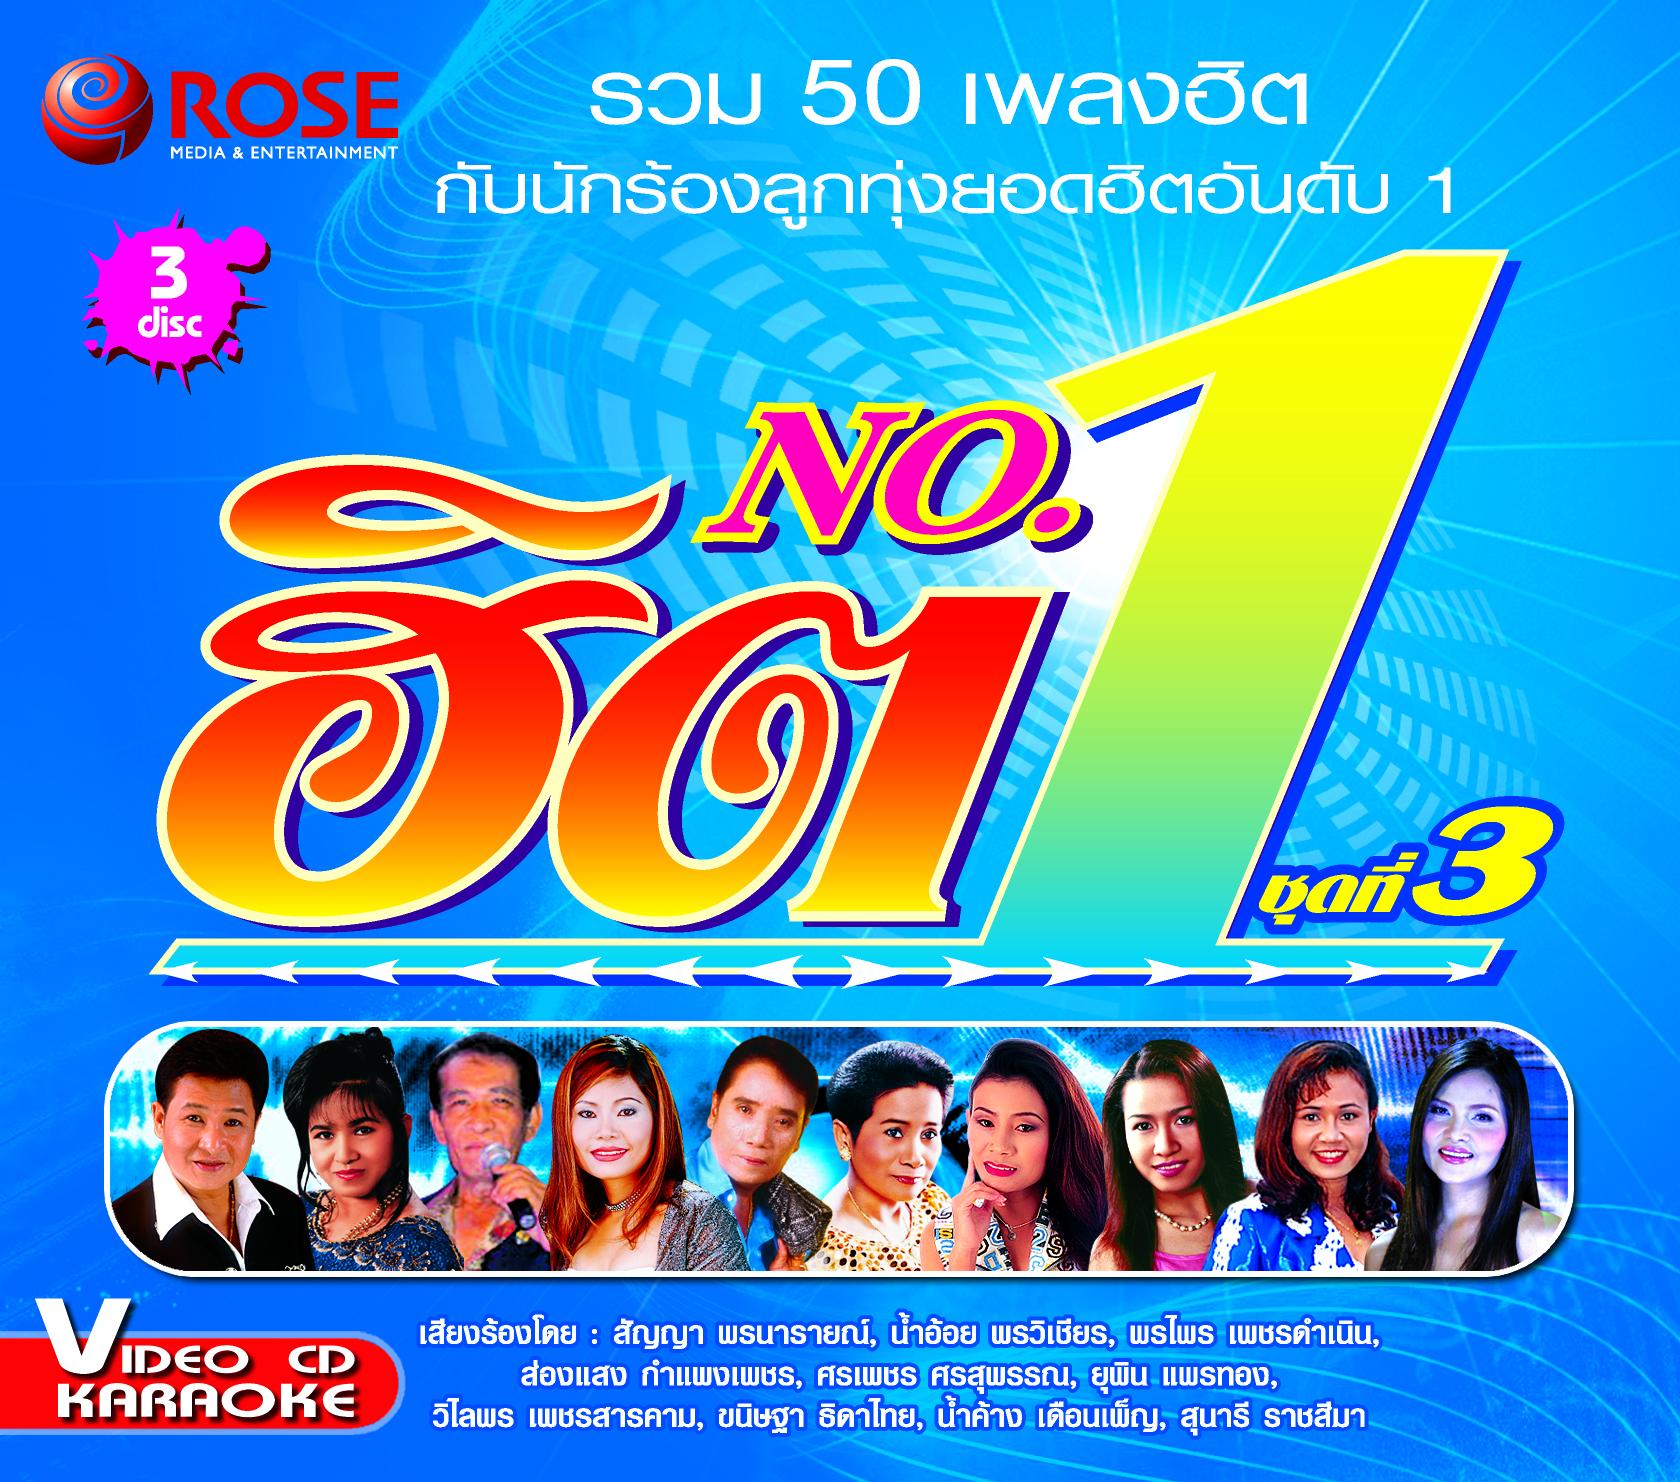 ฮิต NO 1 ชุดที่ 3 (รวมเพลงดังเพลงลูกทุ่ง 50 เพลง)